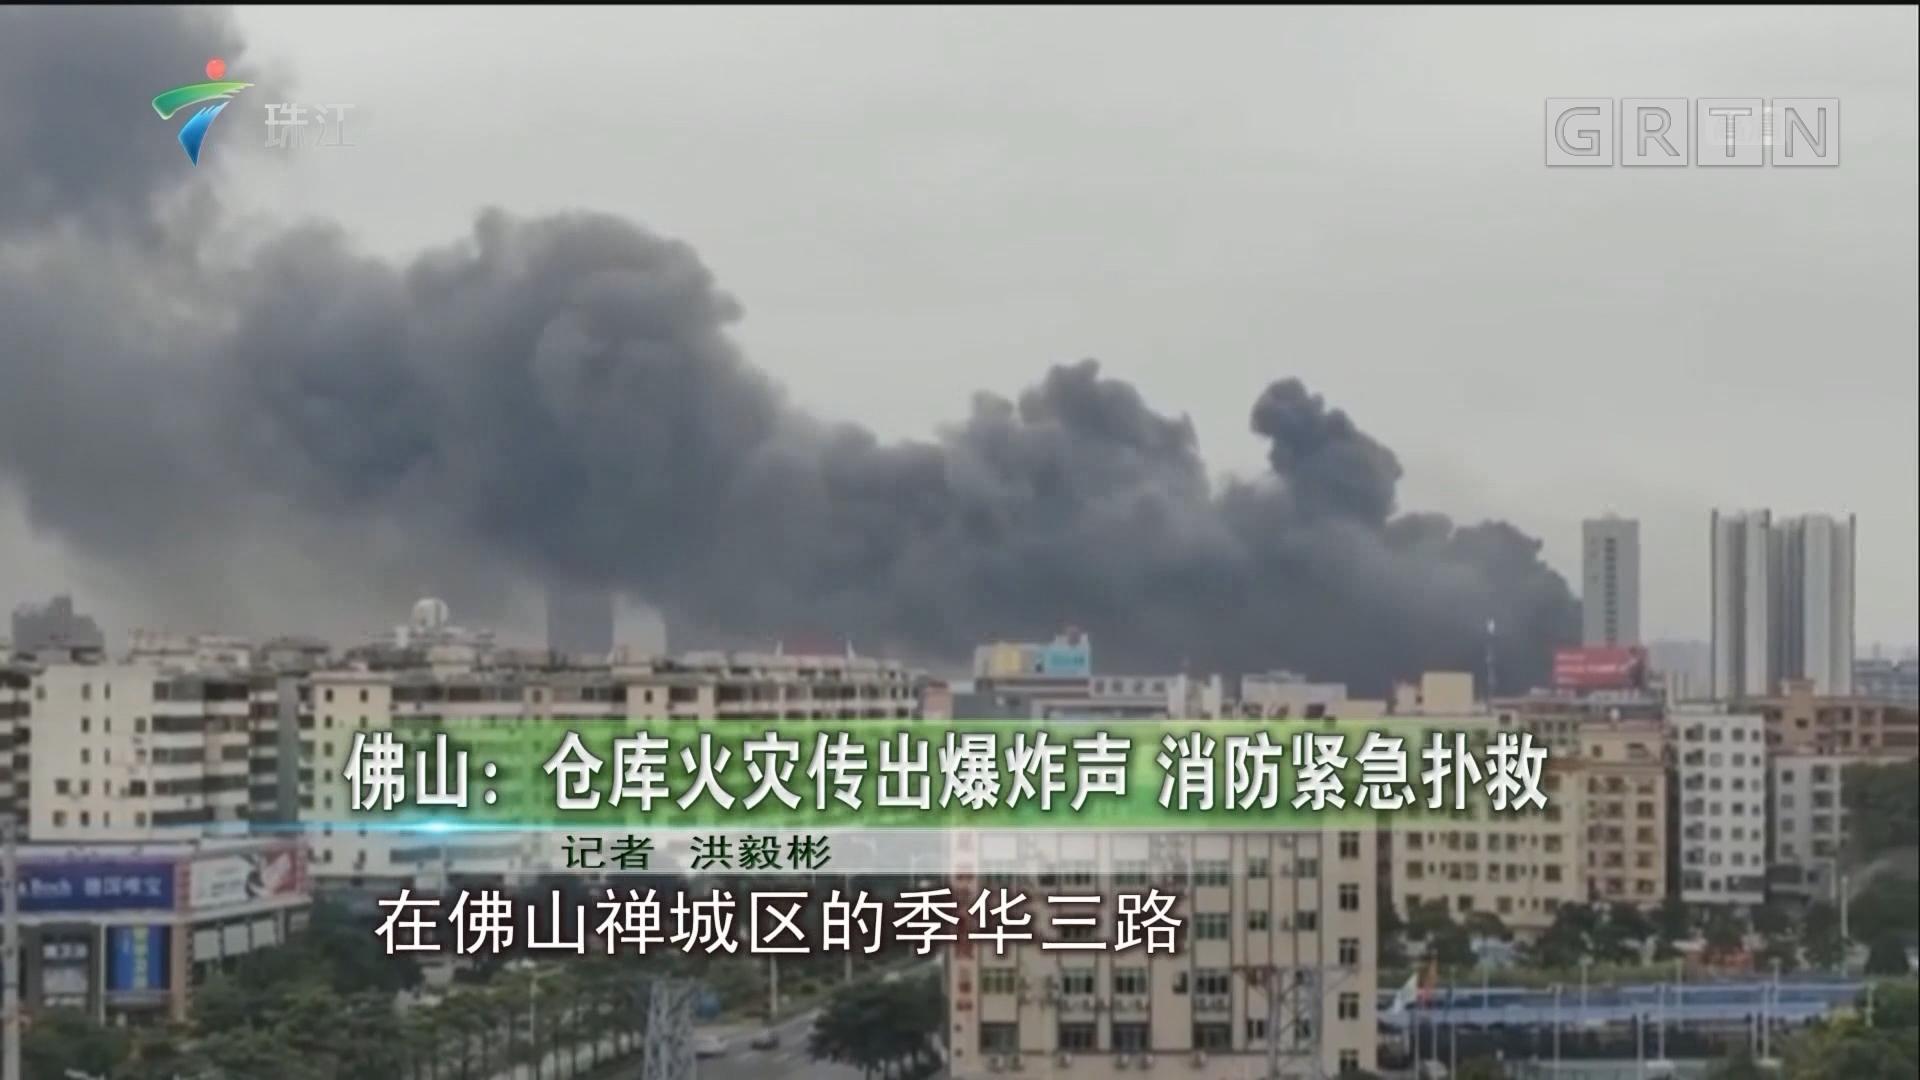 佛山:仓库火灾传出爆炸声 消防紧急扑救